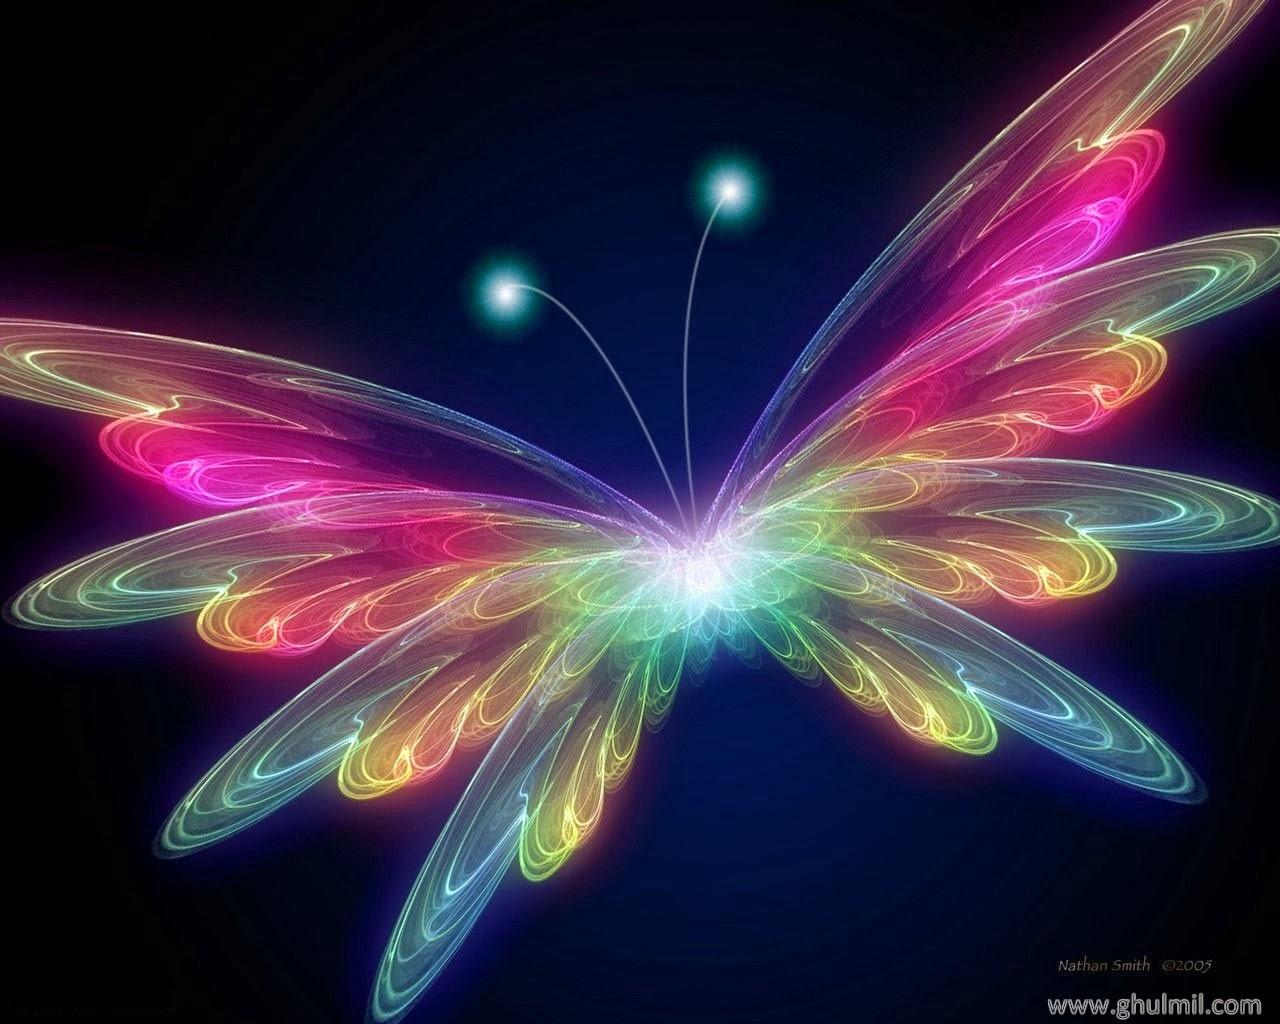 Free live butterfly wallpaper - beautiful desktop wallpapers 2014